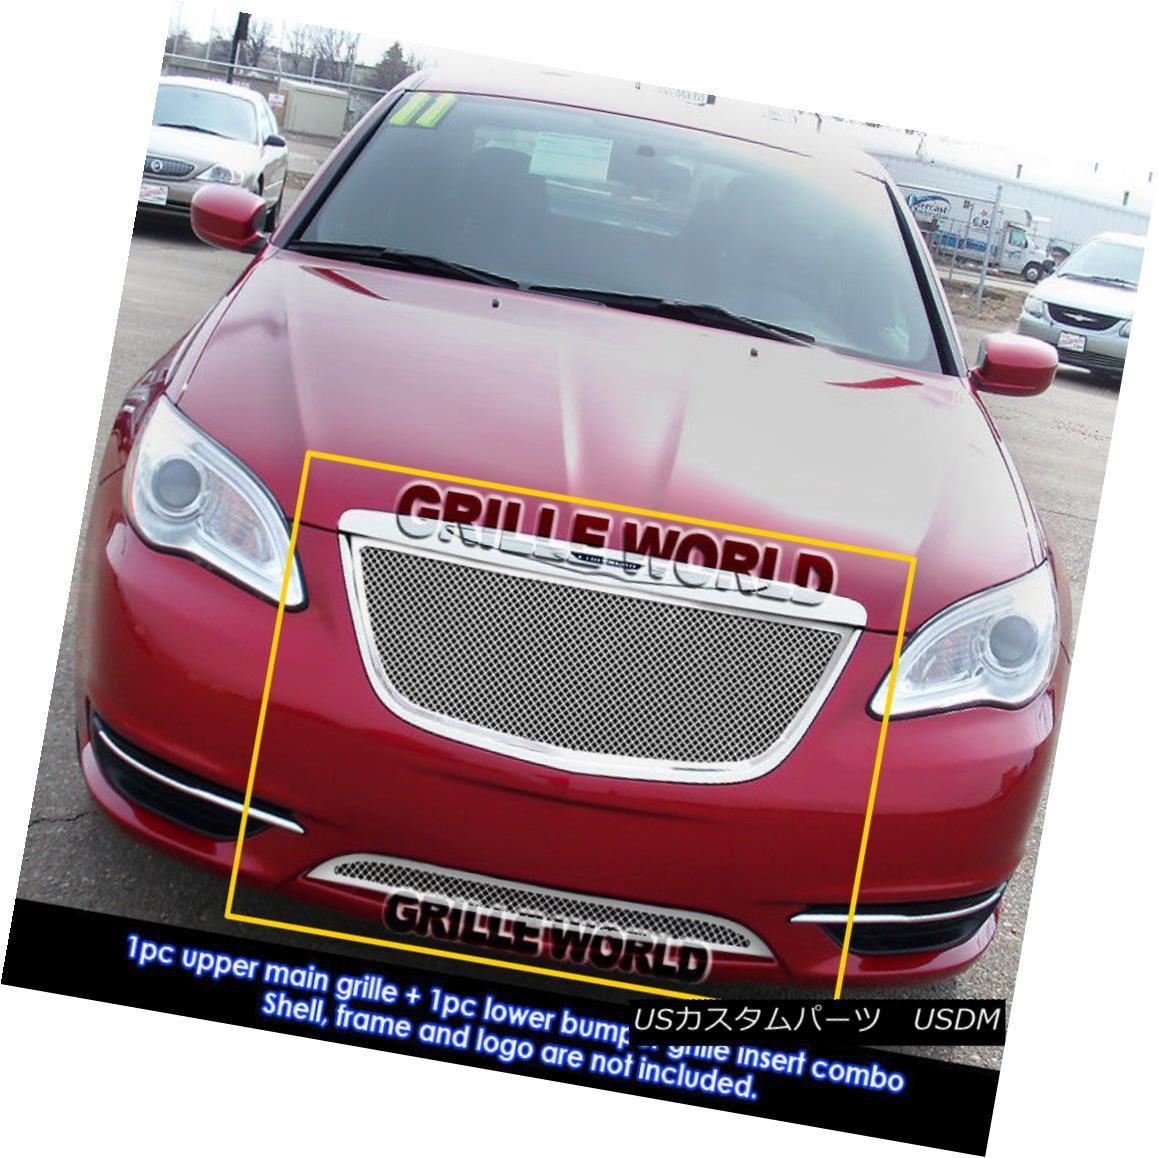 グリル For 2011-2014 Chrysler 200 Stainless Steel Mesh Grille Grill Combo Insert 2011-2014クライスラー200ステンレスメッシュグリルグリルコンボインサート